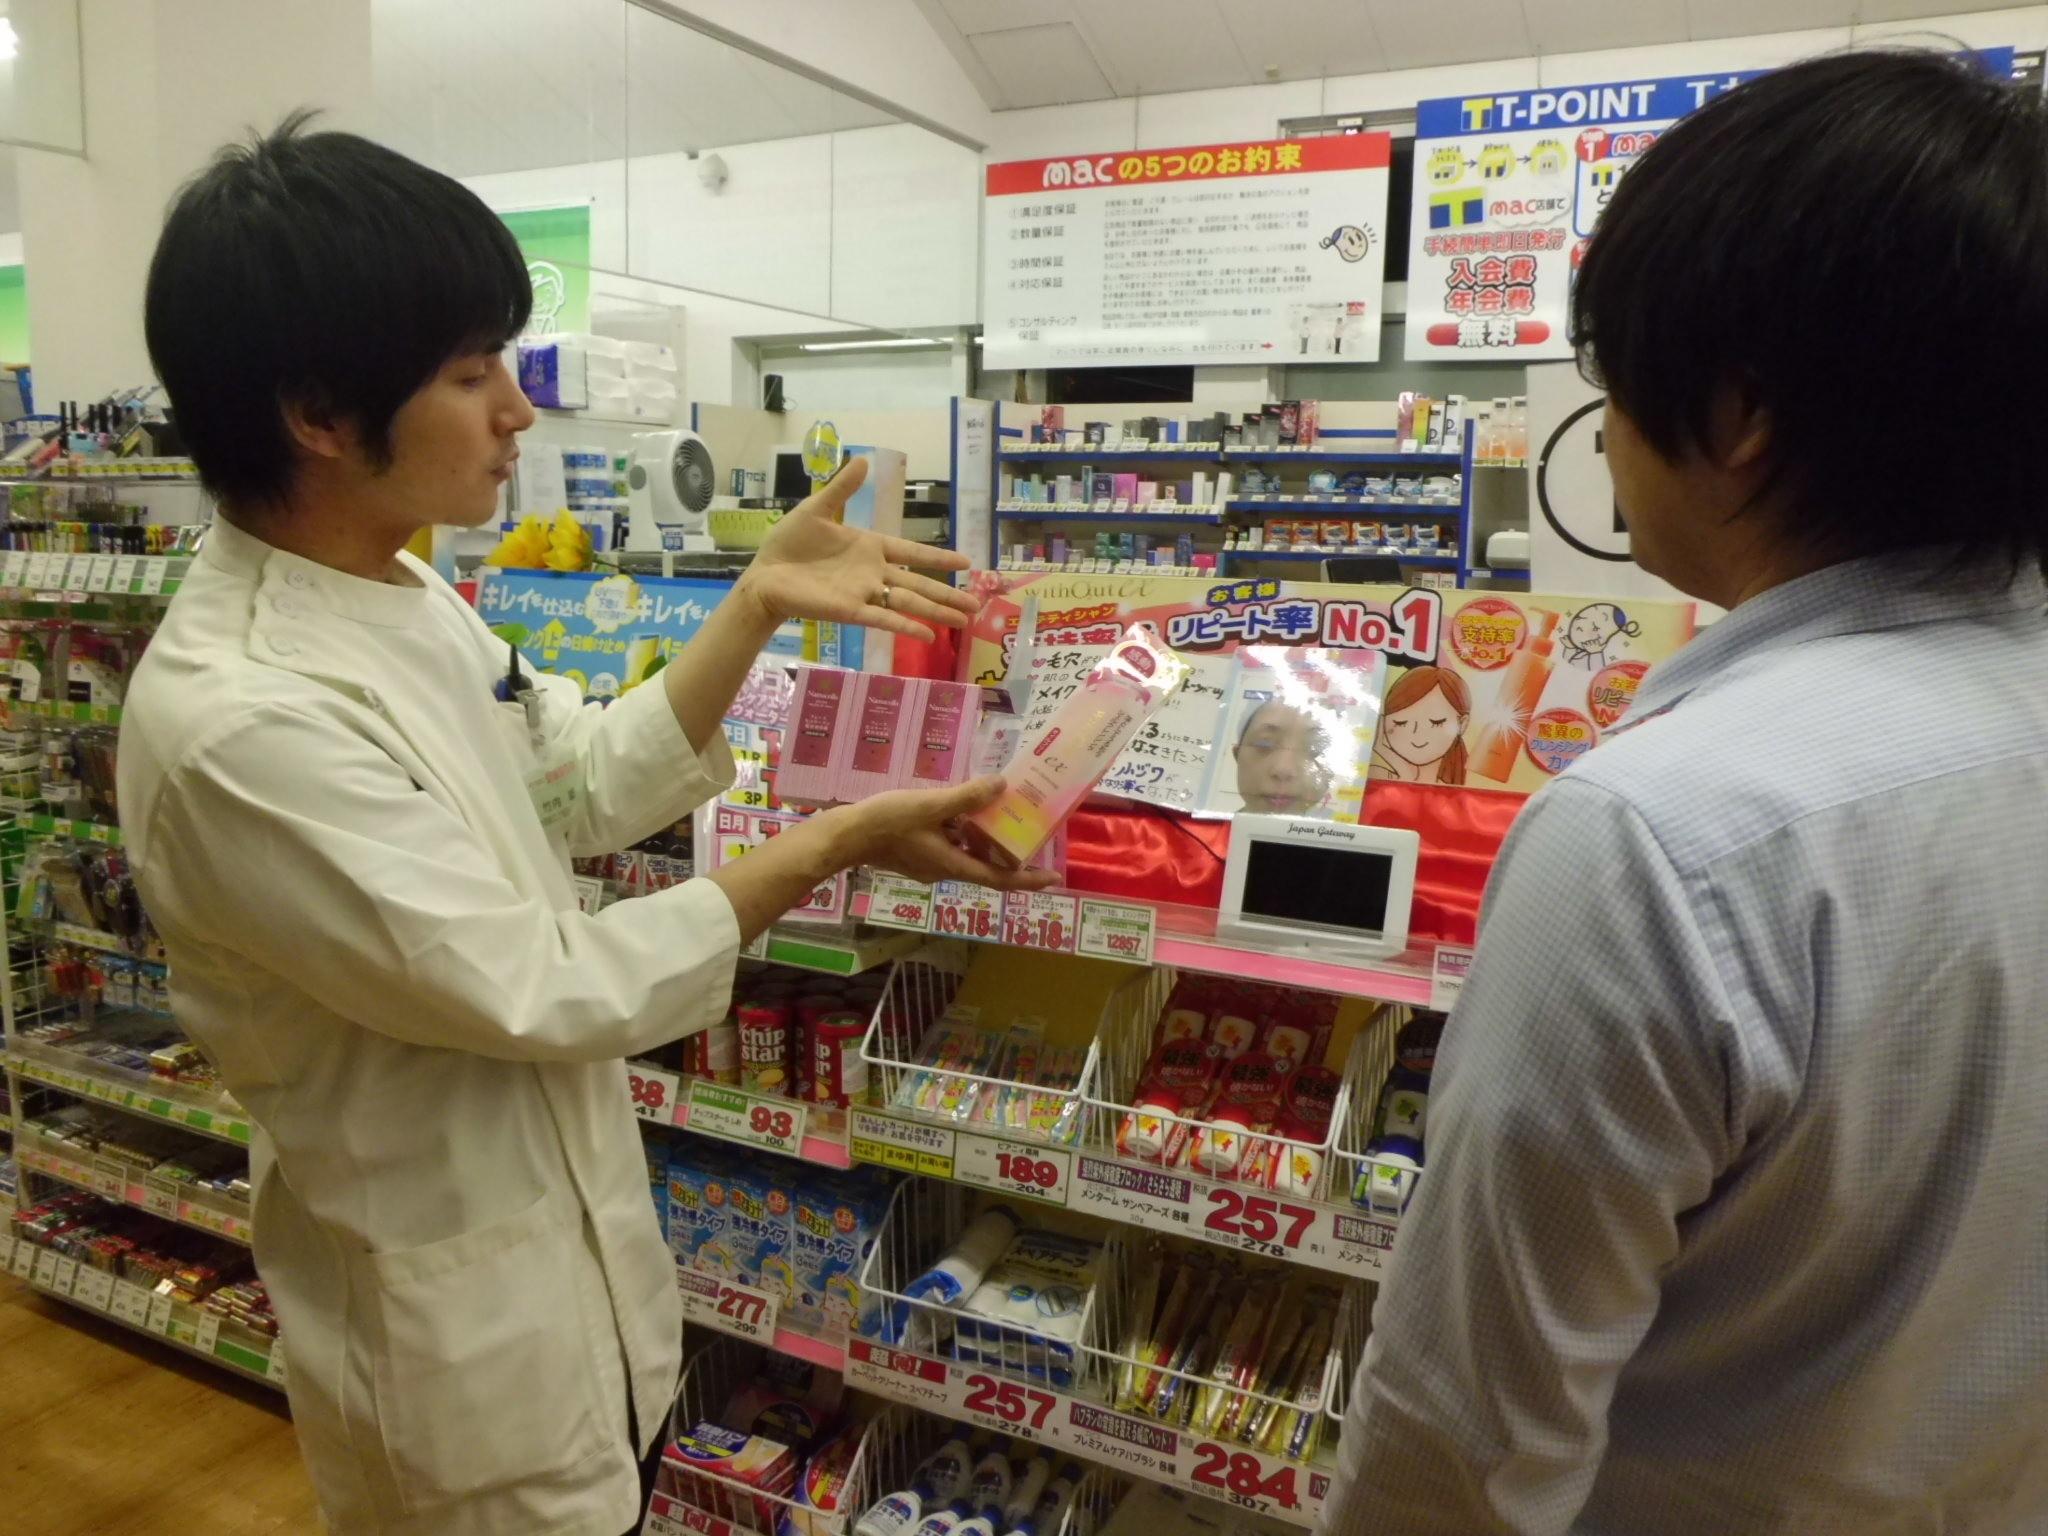 ドラックストアmac 大津店 のアルバイト情報